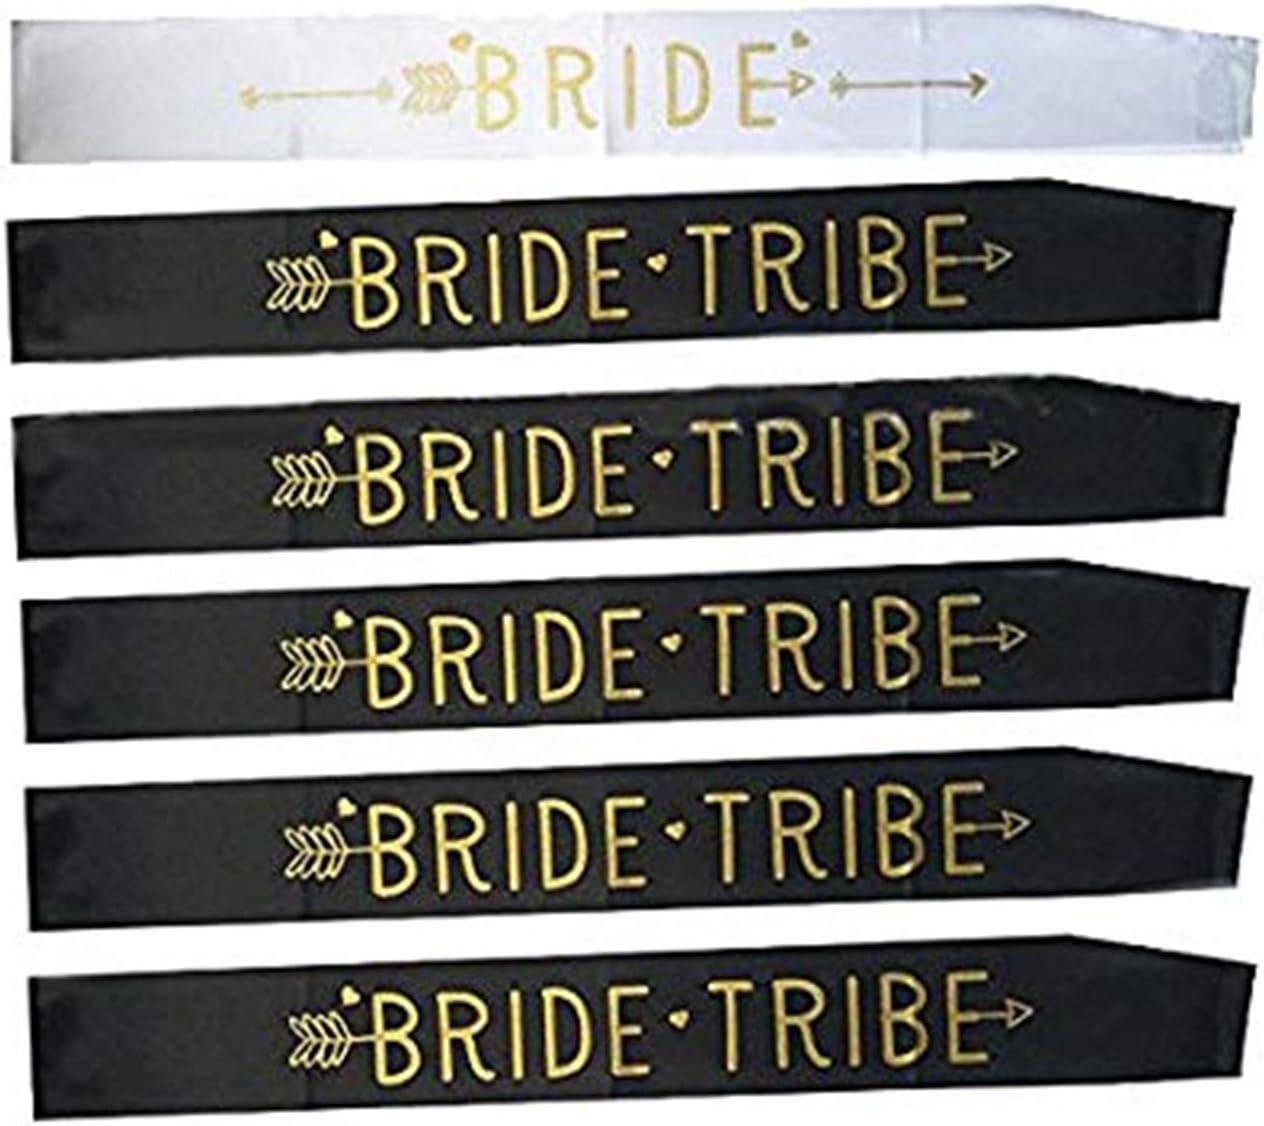 iwobi 6 Piezas Bandas Despedida Soltera, 5 Fajas Negras de la Novia del Equipo con 1 Novia Blanca para ser el Marco de la Faja para la Boda y la Despedida de Soltera Decoraciones